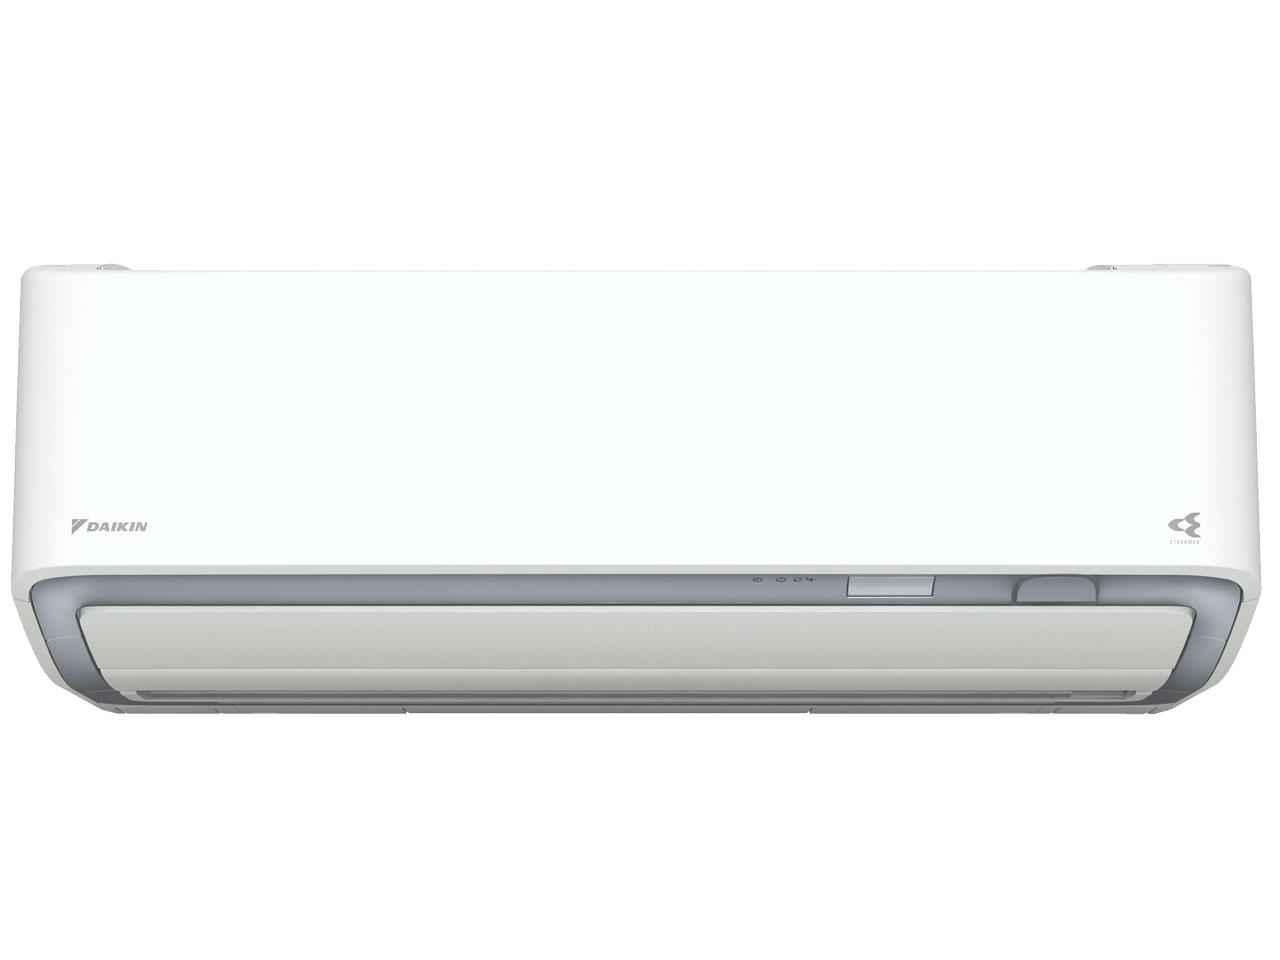 ダイキン 19年モデル うるさら7 RXシリーズ S80WTRXV-W 【200V用 電源直結型】26畳用冷暖房除湿エアコン